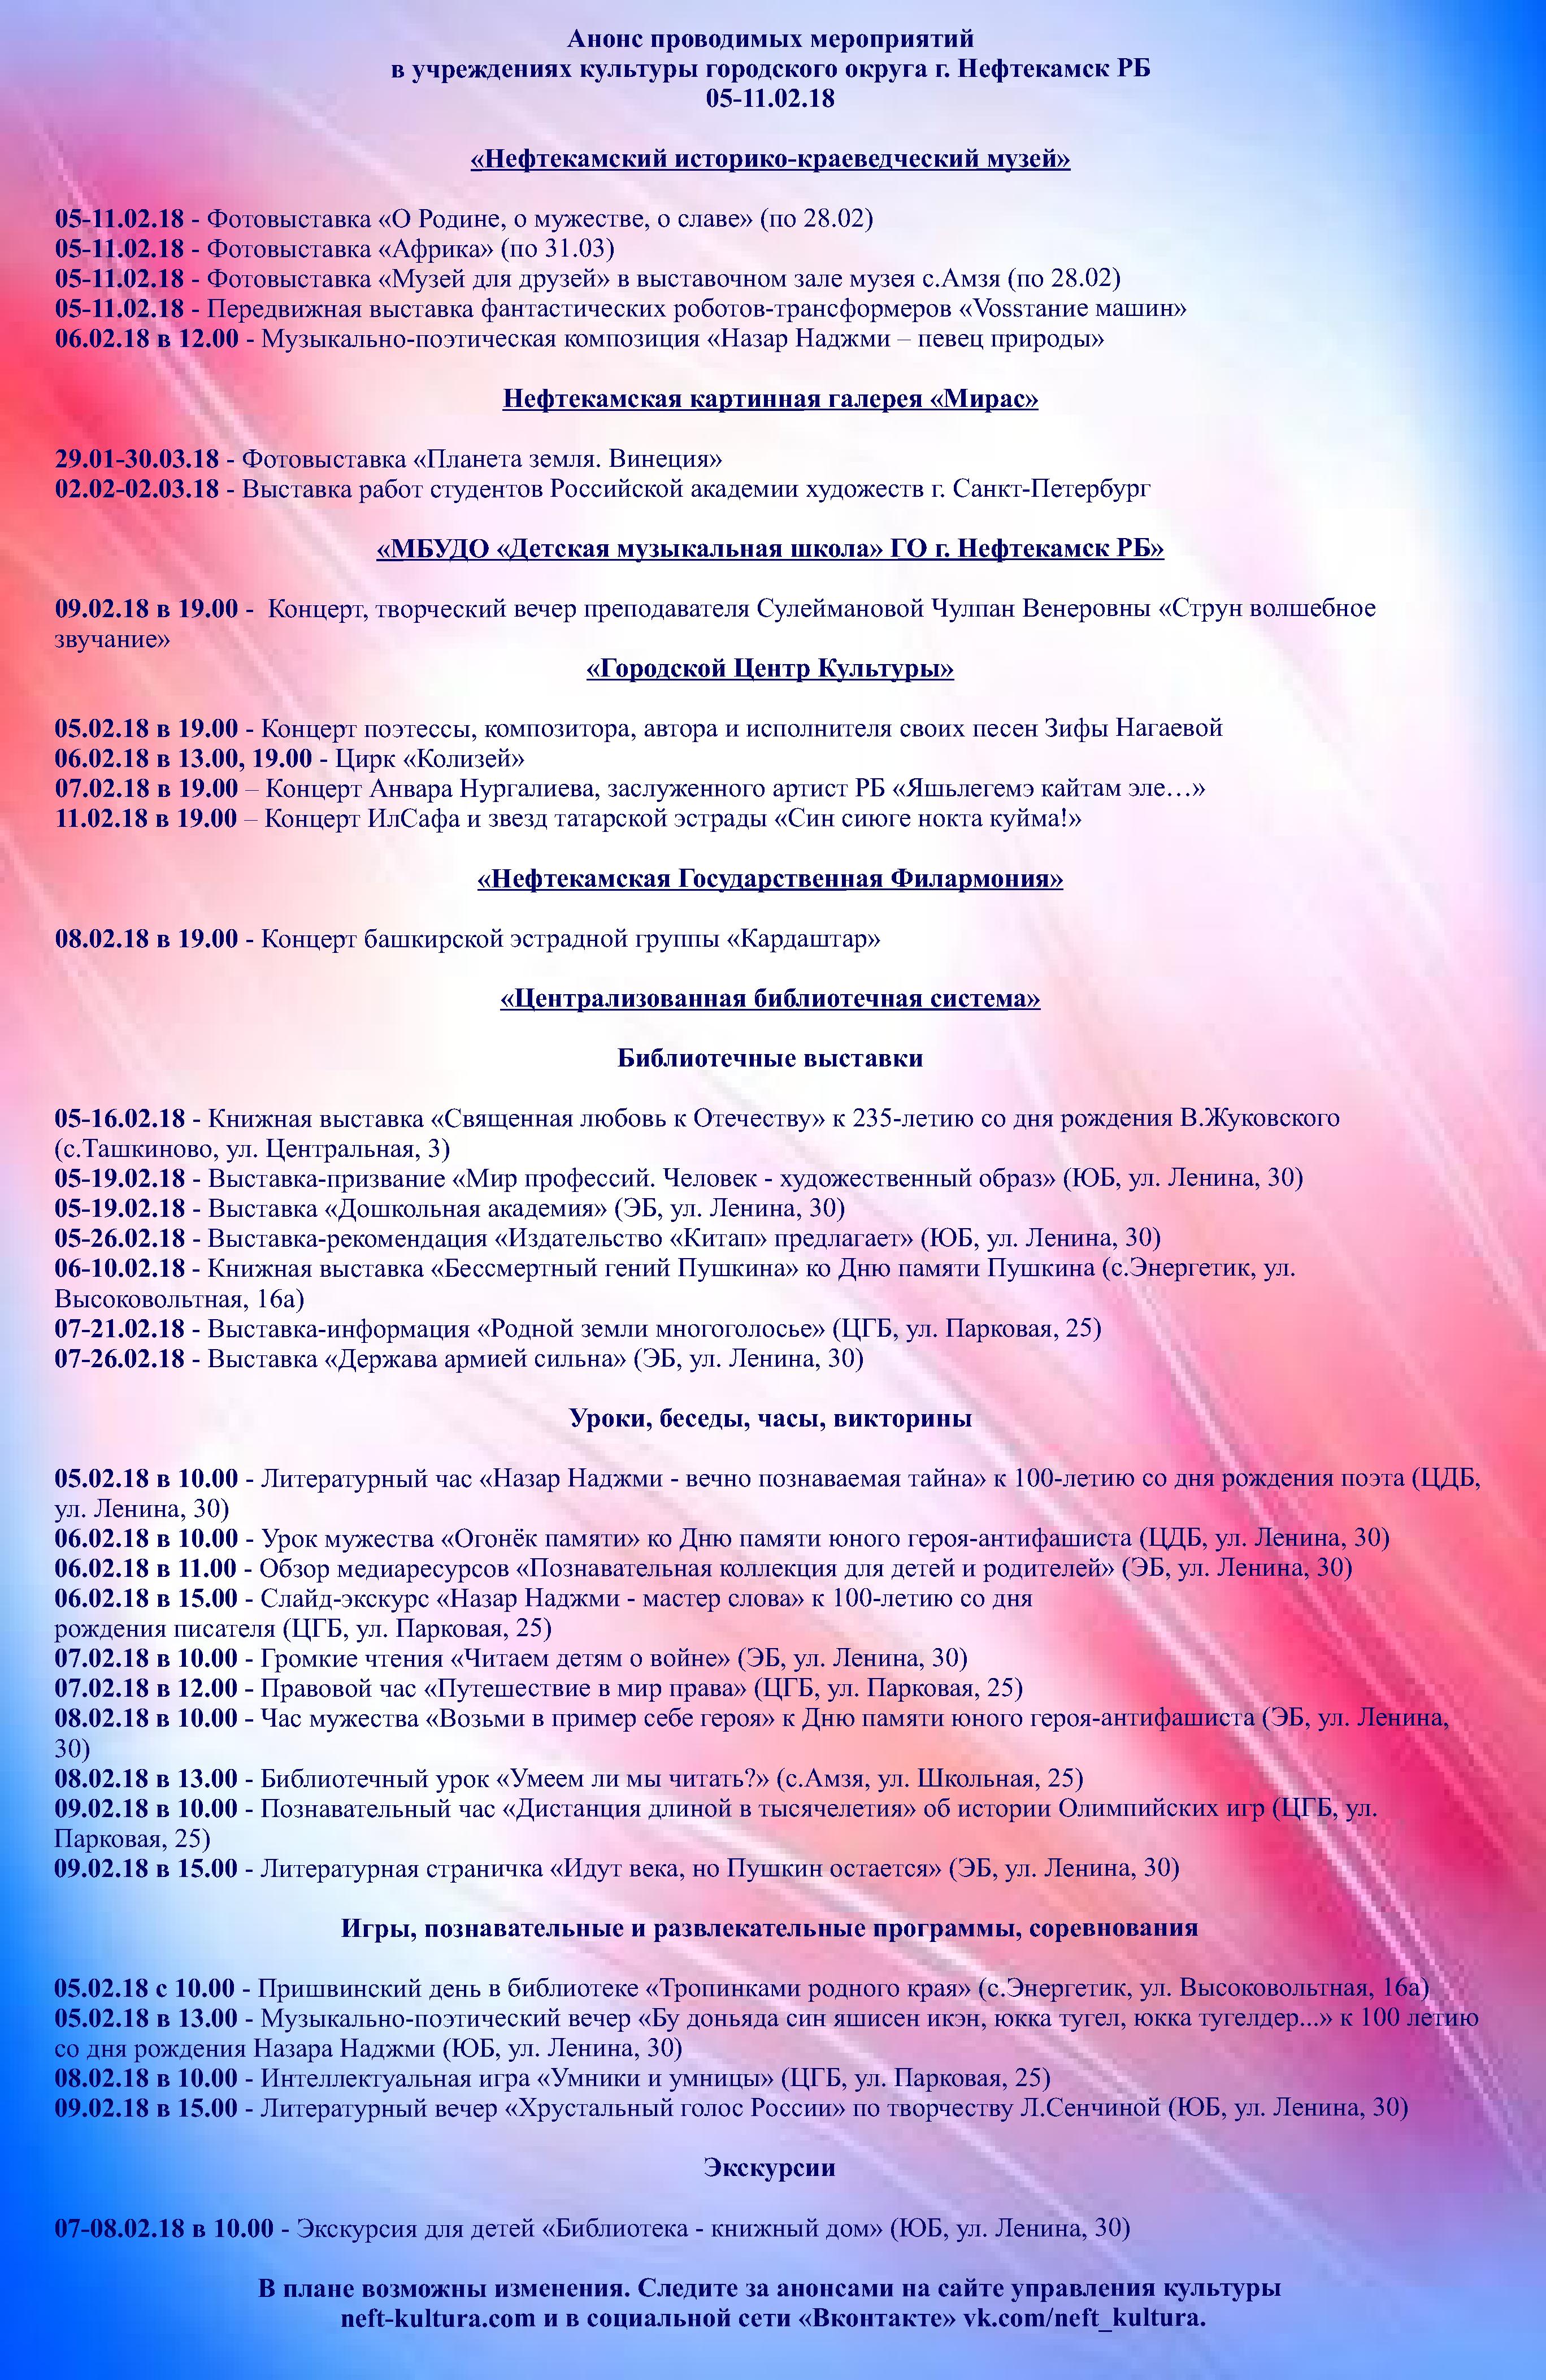 анонс 5-11.02.18